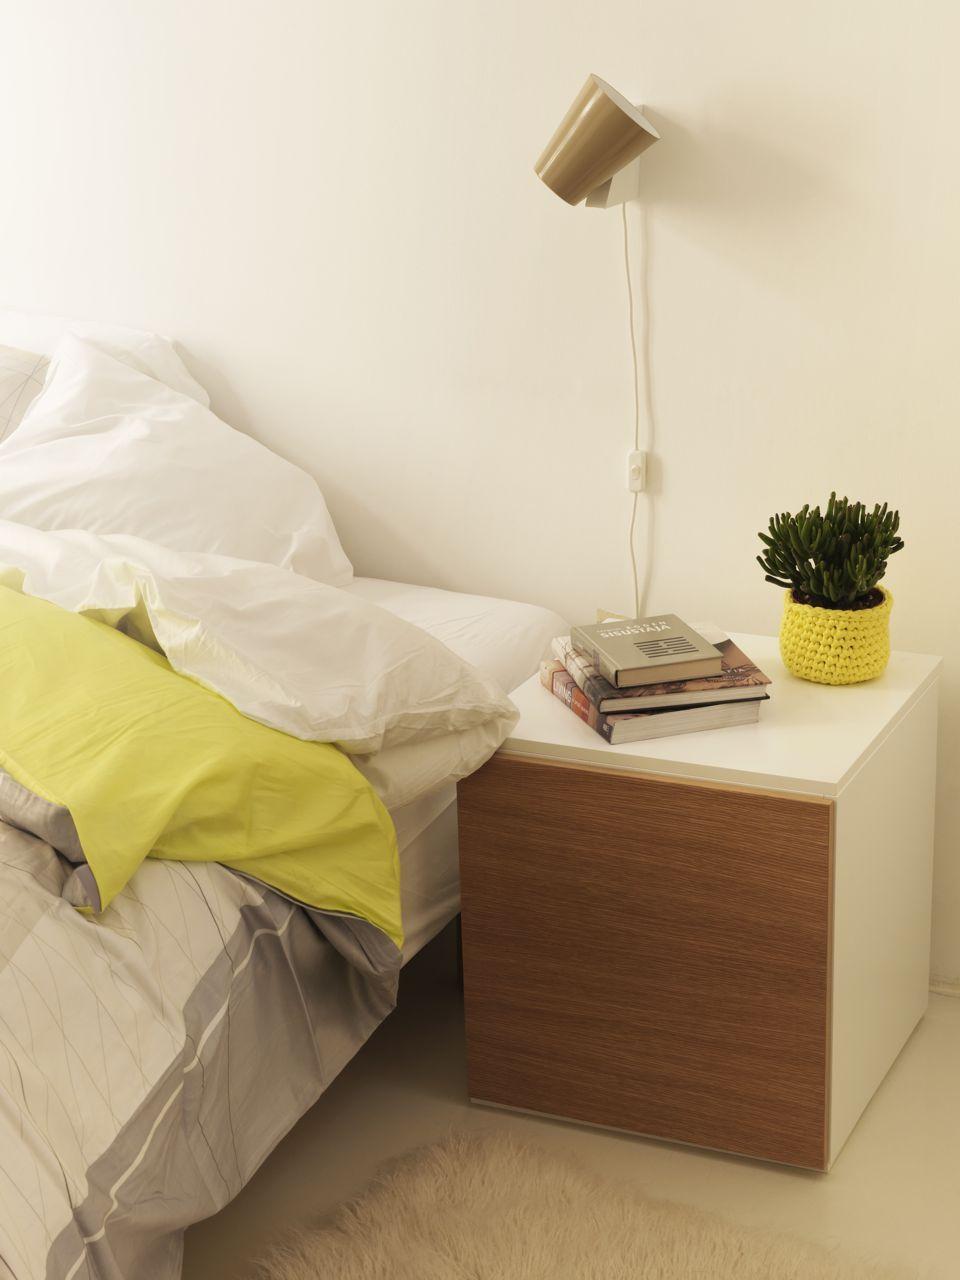 Lundia Fuuga, Lundia Lofty and Lundia lamp for bedroom